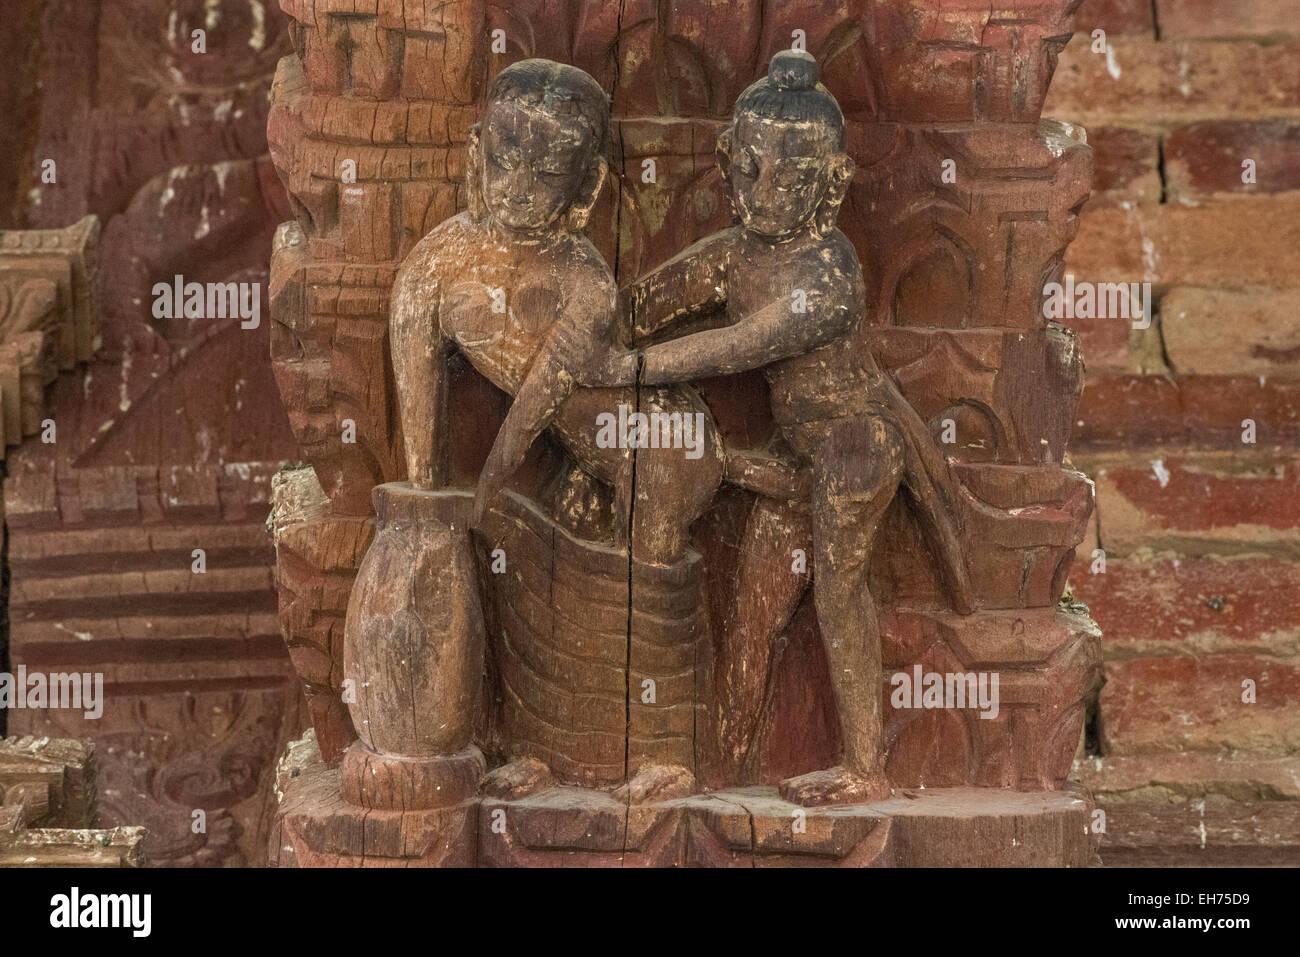 Kamasutra stock photos images alamy